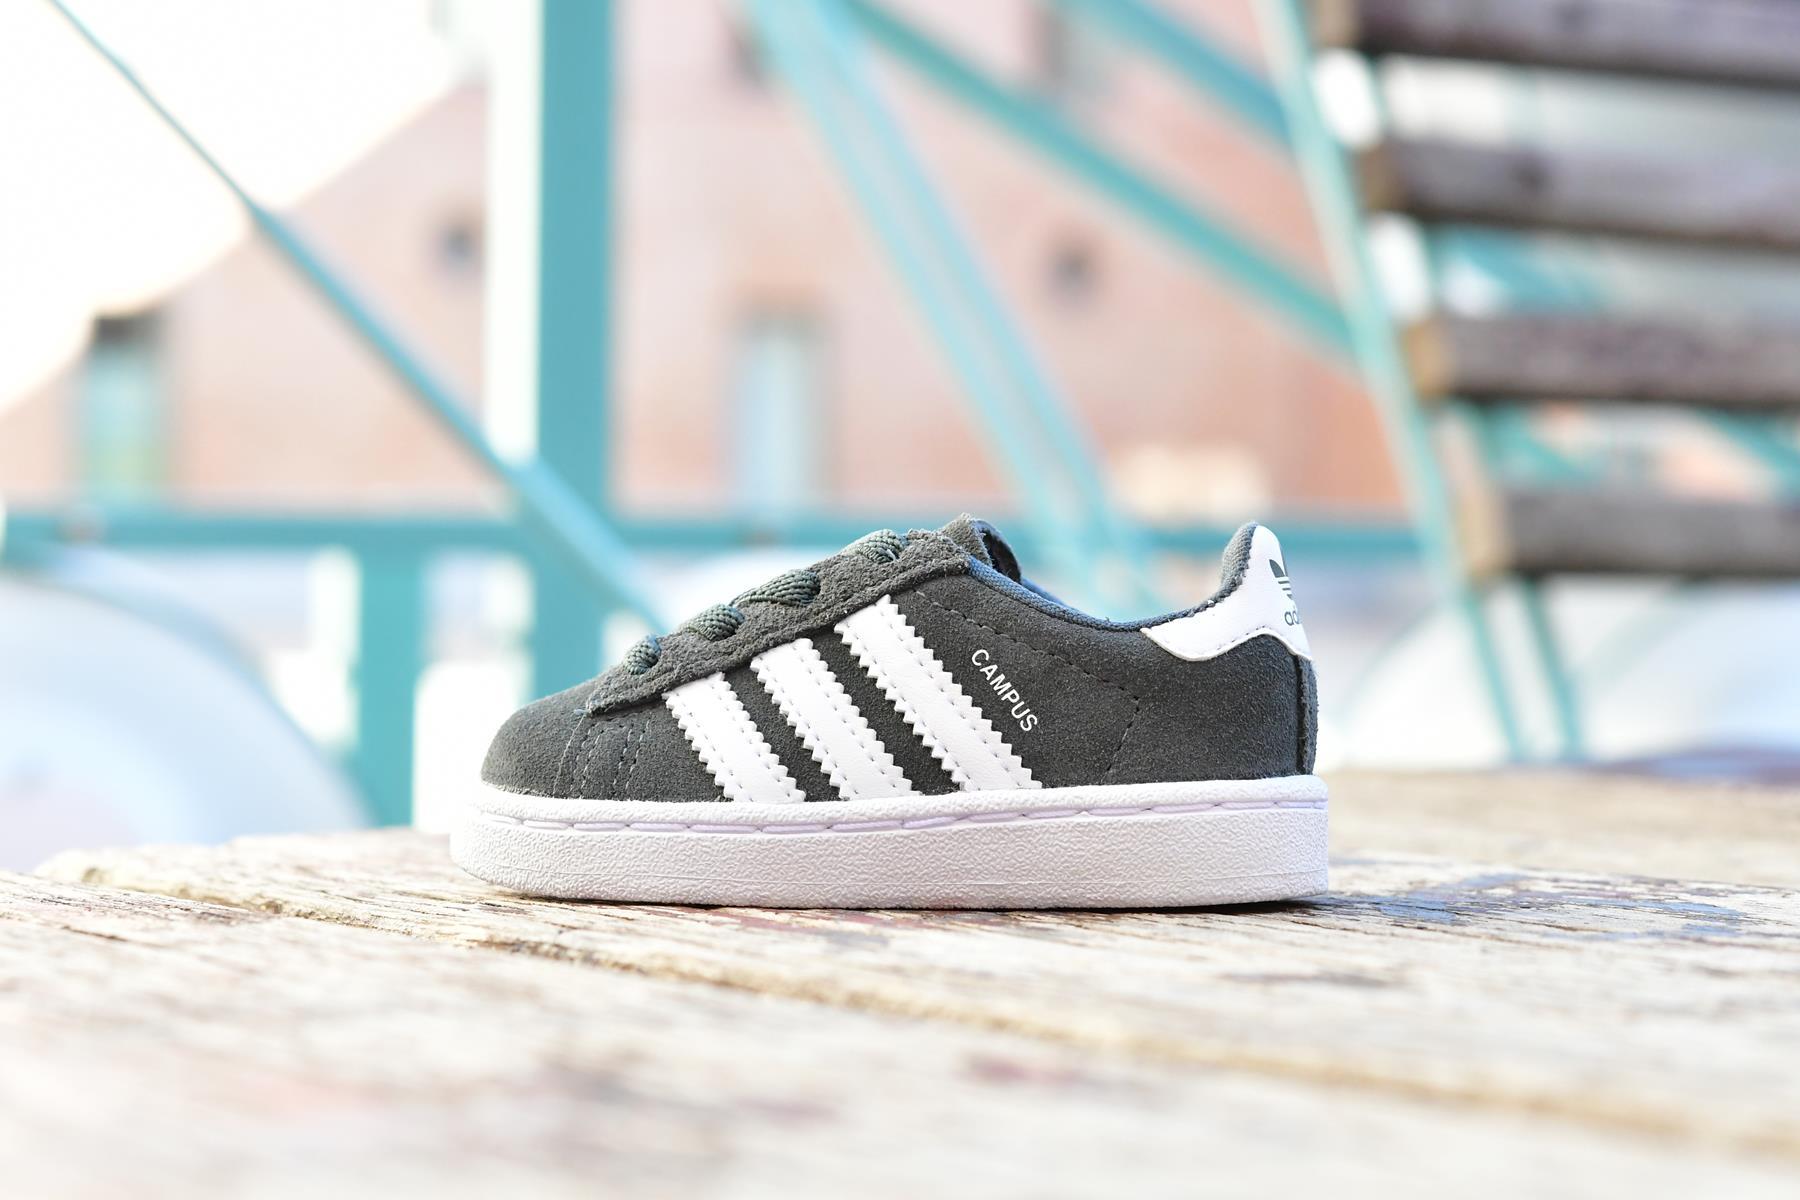 CG6659_AmorShoes-Adidas-Originals-Campus-el-i-niño-niña-Gris-Verdoso-grey-Footwear-white-piel-vuelta-gris-oscuro-verdoso-rayas-blanco-CG6659